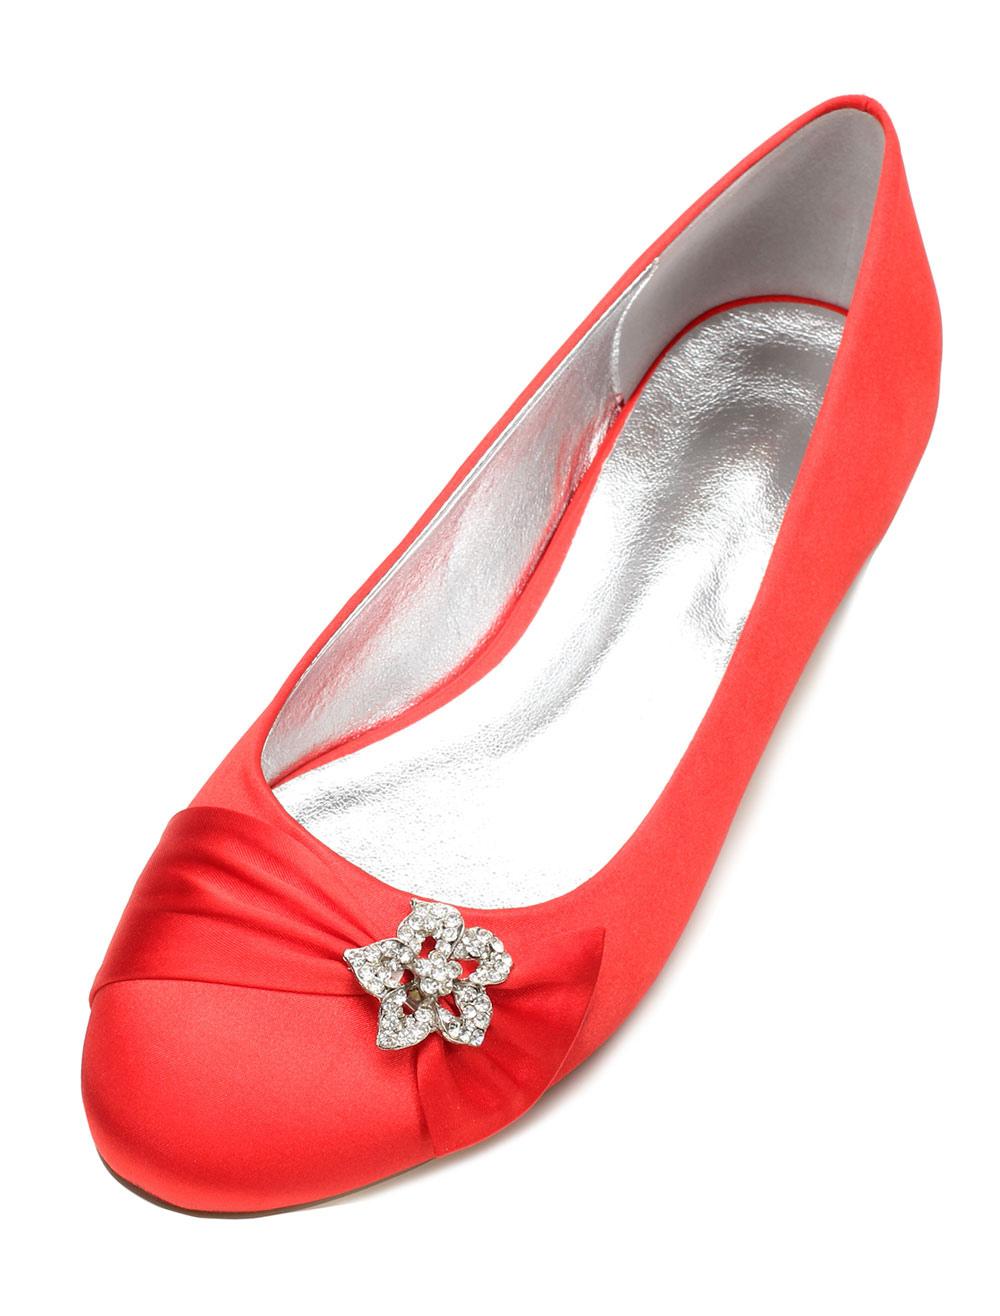 Zapatos Planos de puntera redonda de seda y satén Fiesta de bodas Px8QY